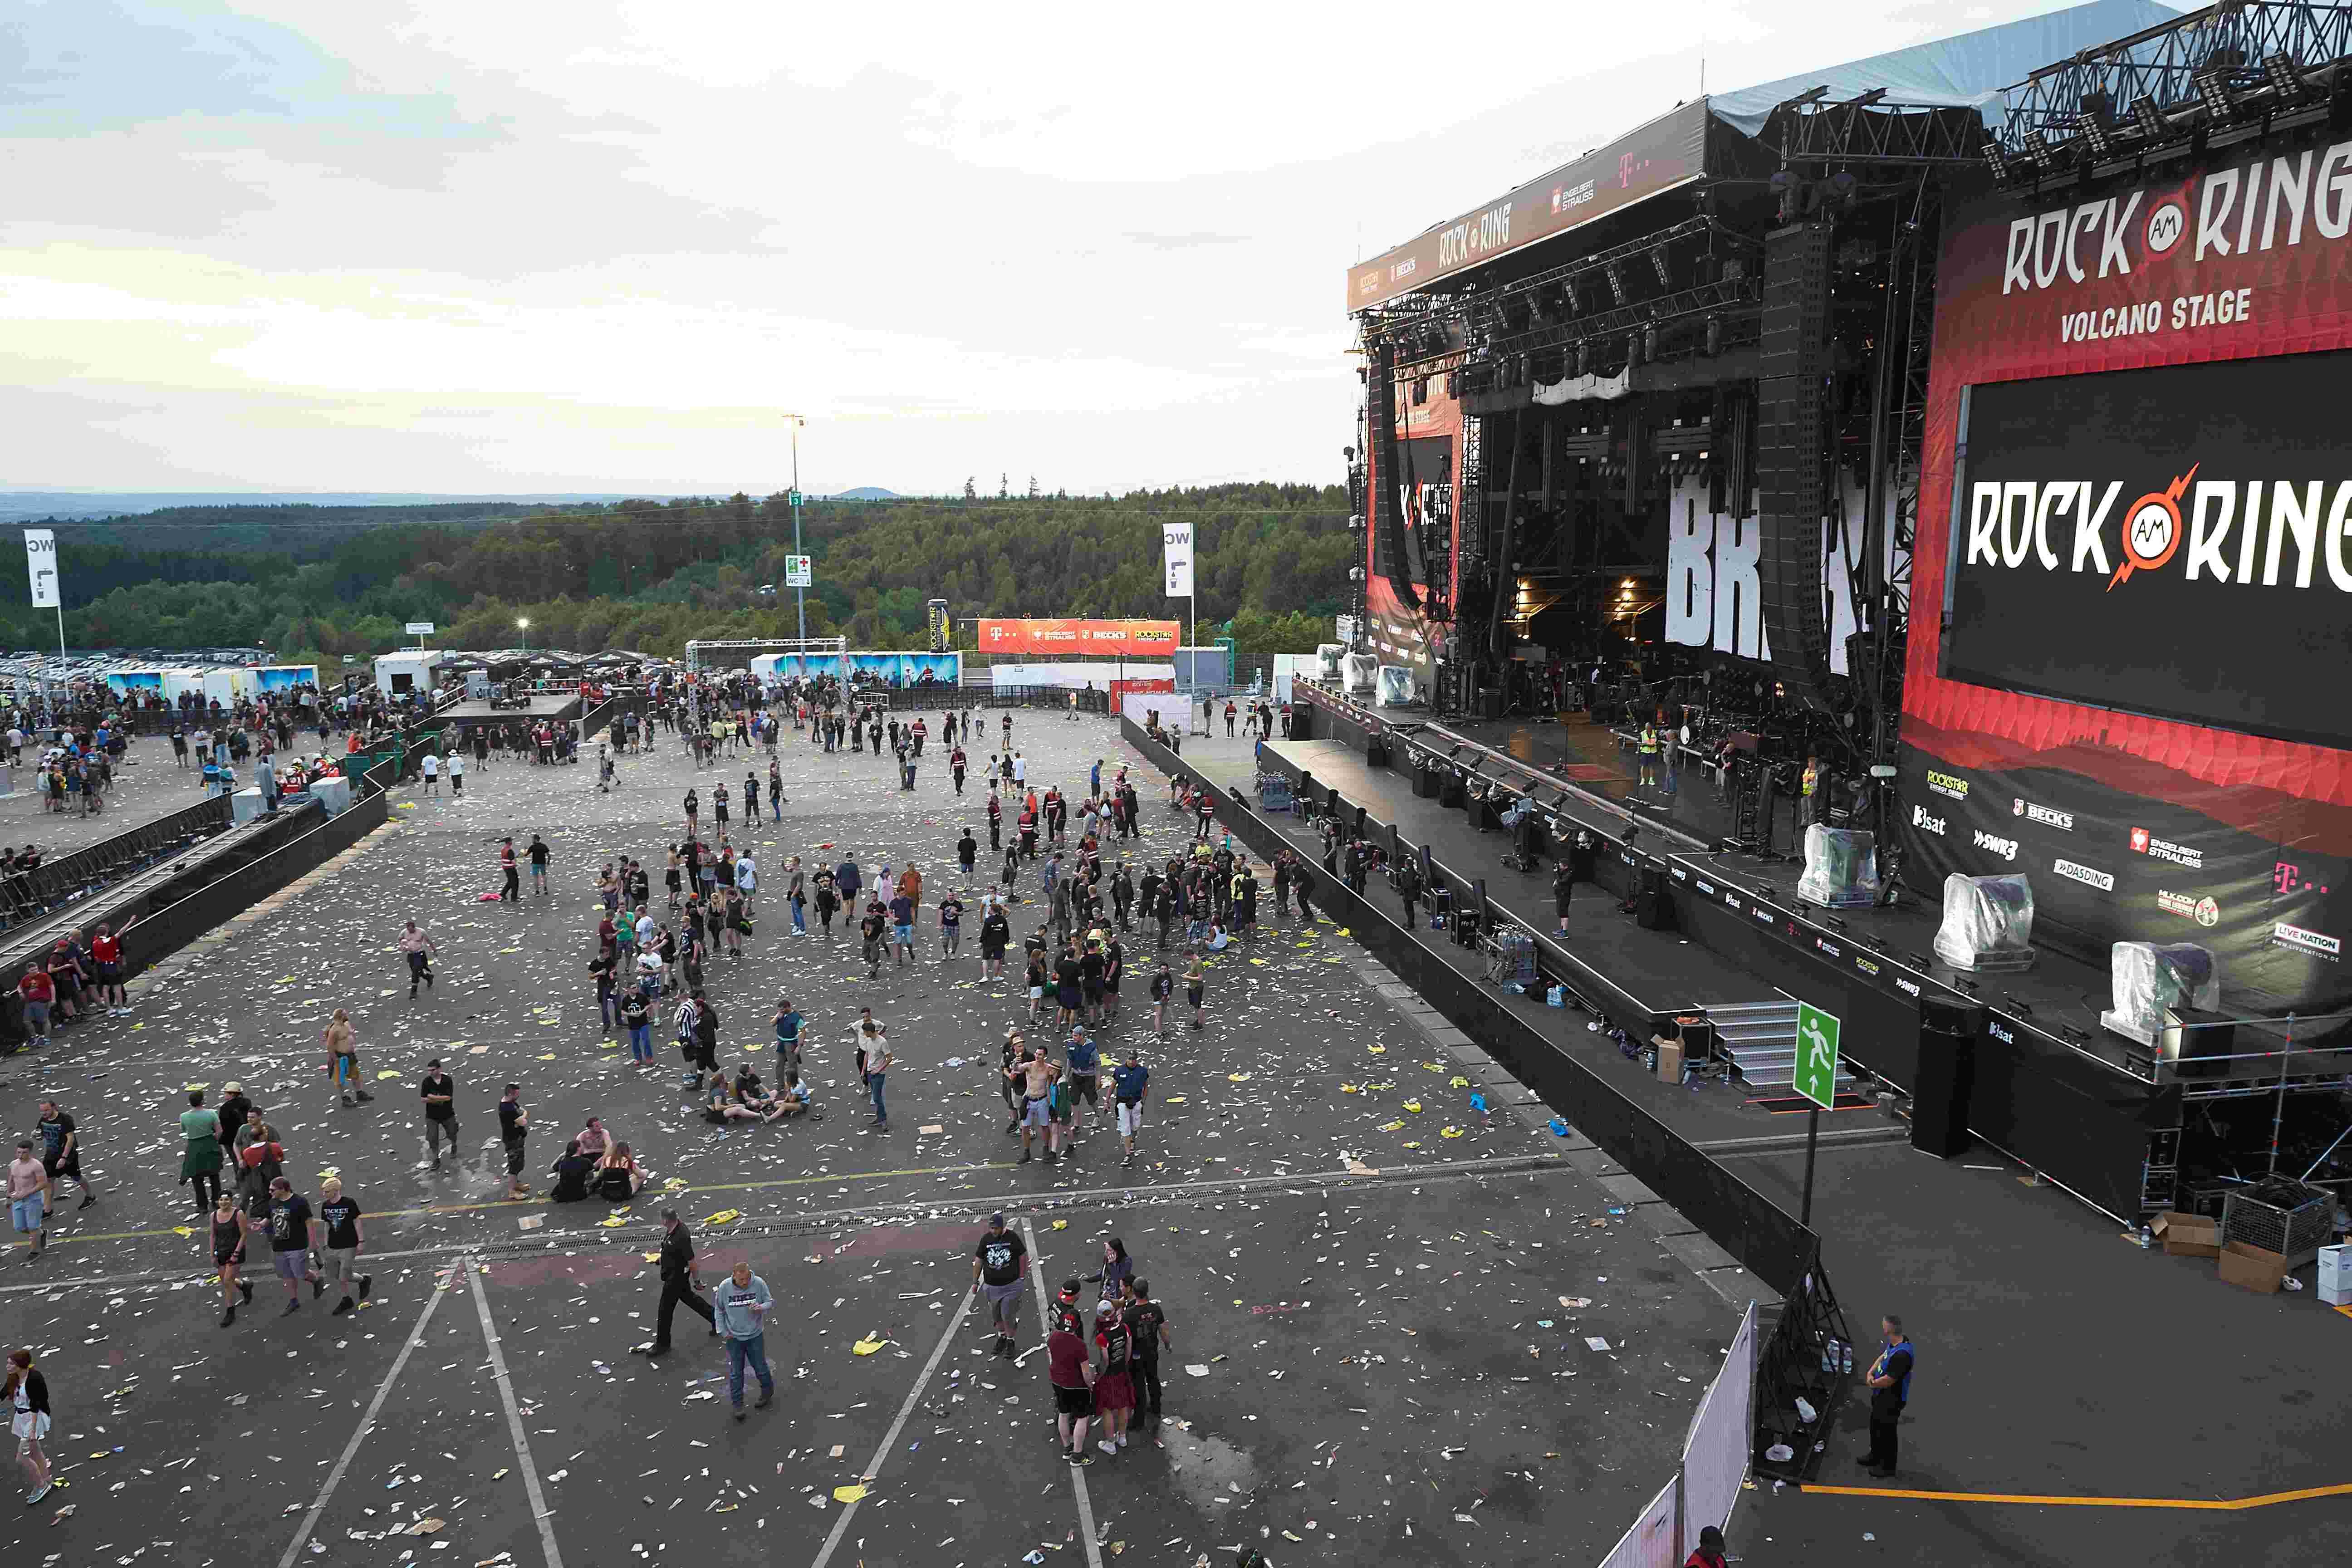 Rock Am Ring Terror Unterbrechung Wegen Eines Schreibfehlers